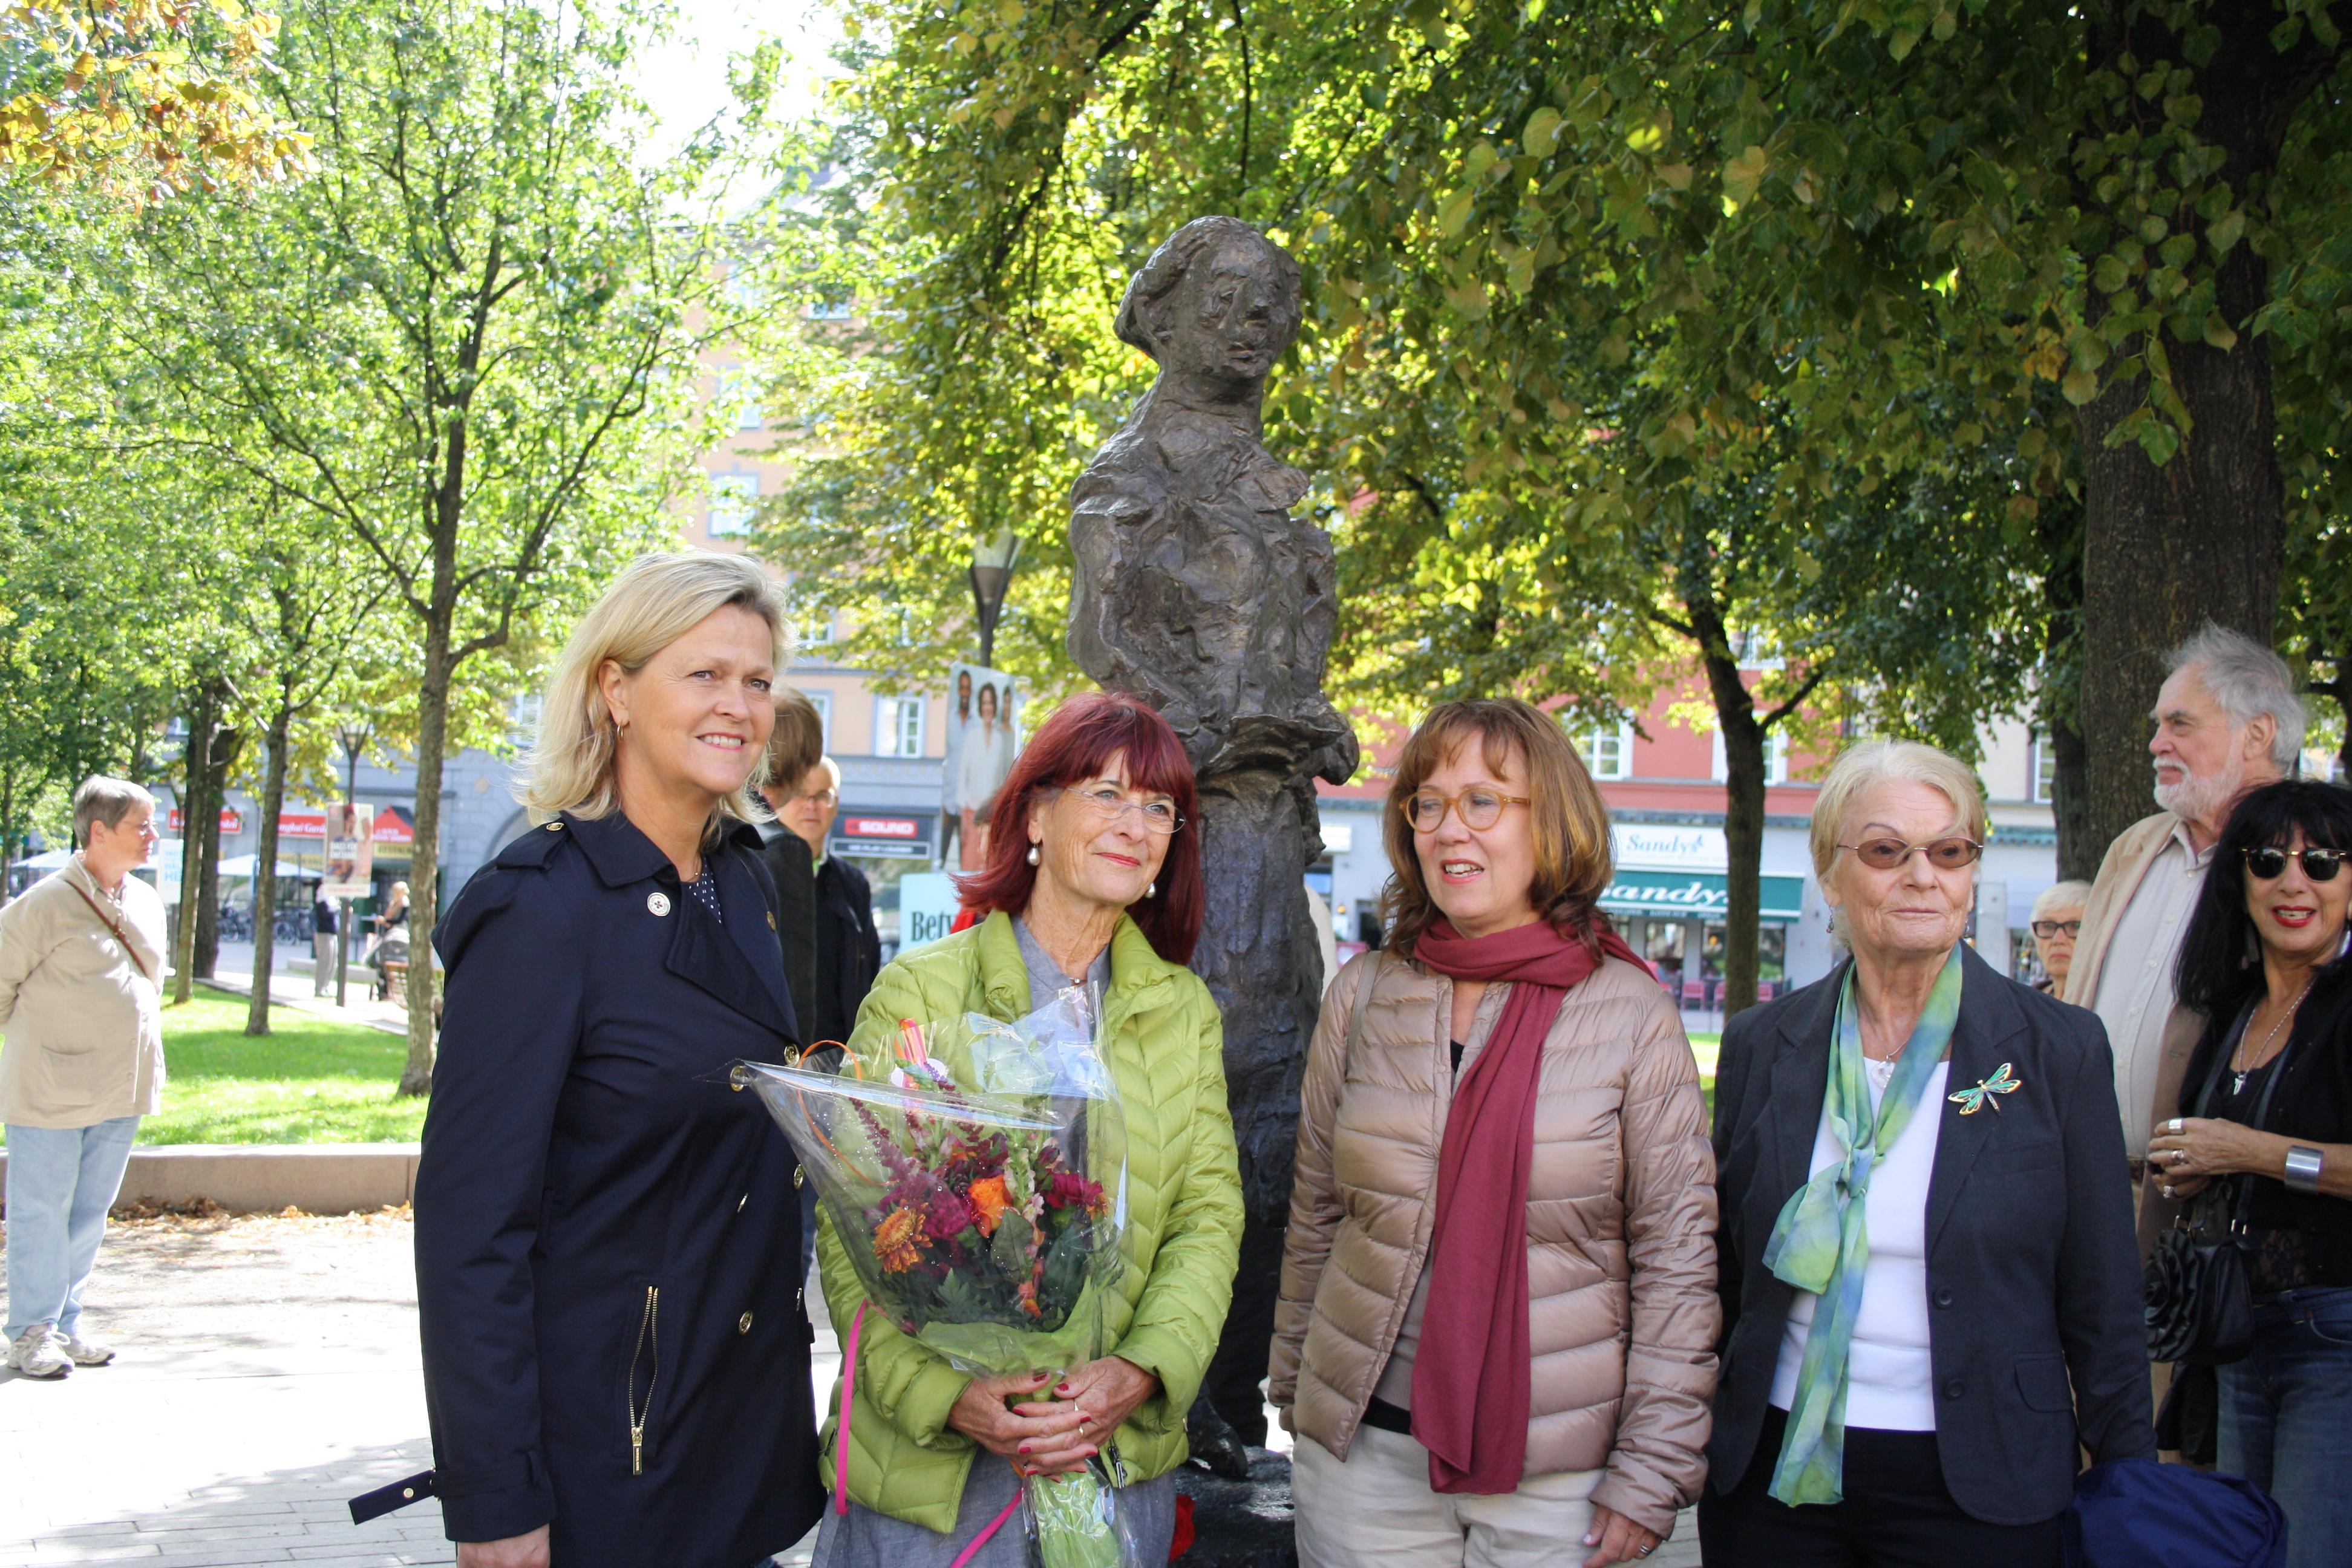 Lena Wibroe, Marianne Enge Swartz, Madeleine Sjöstedt, Eva Persson